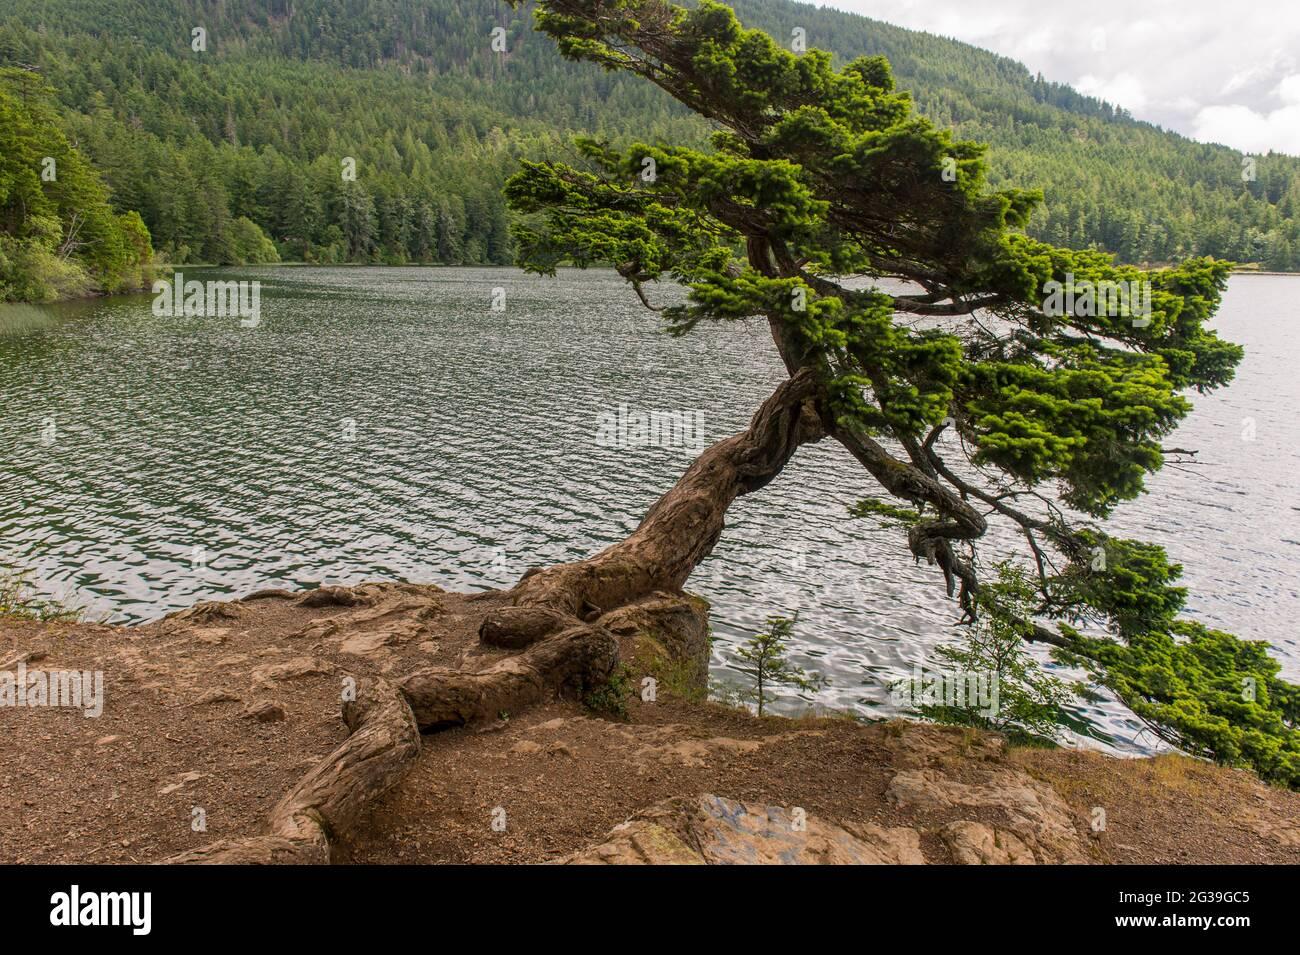 Un abetos Douglas en forma de viento que se apoya sobre la orilla del Lago Cascade en el Parque Estatal Moran en la Isla Orcas, en las Islas San Juan en el Estado de Washington Foto de stock